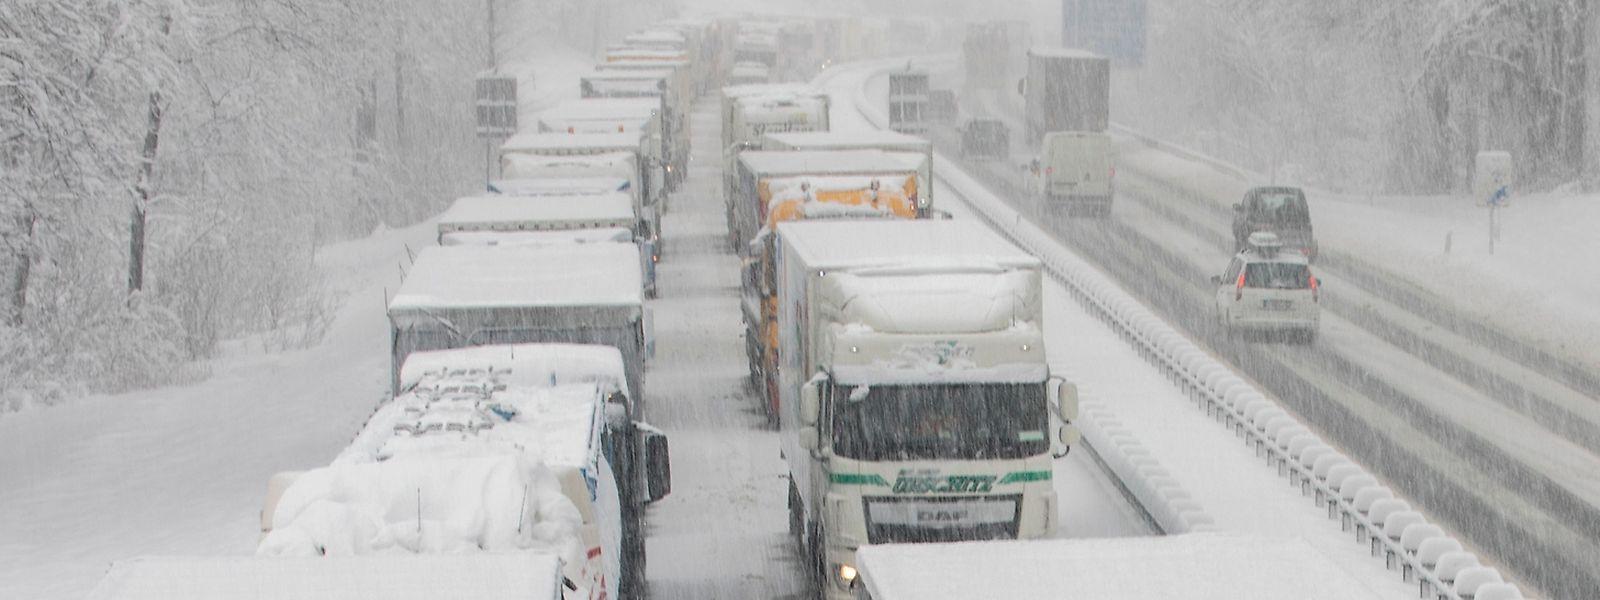 Des camions ont été bloqués sur les autoroutes à cause des intempéries.